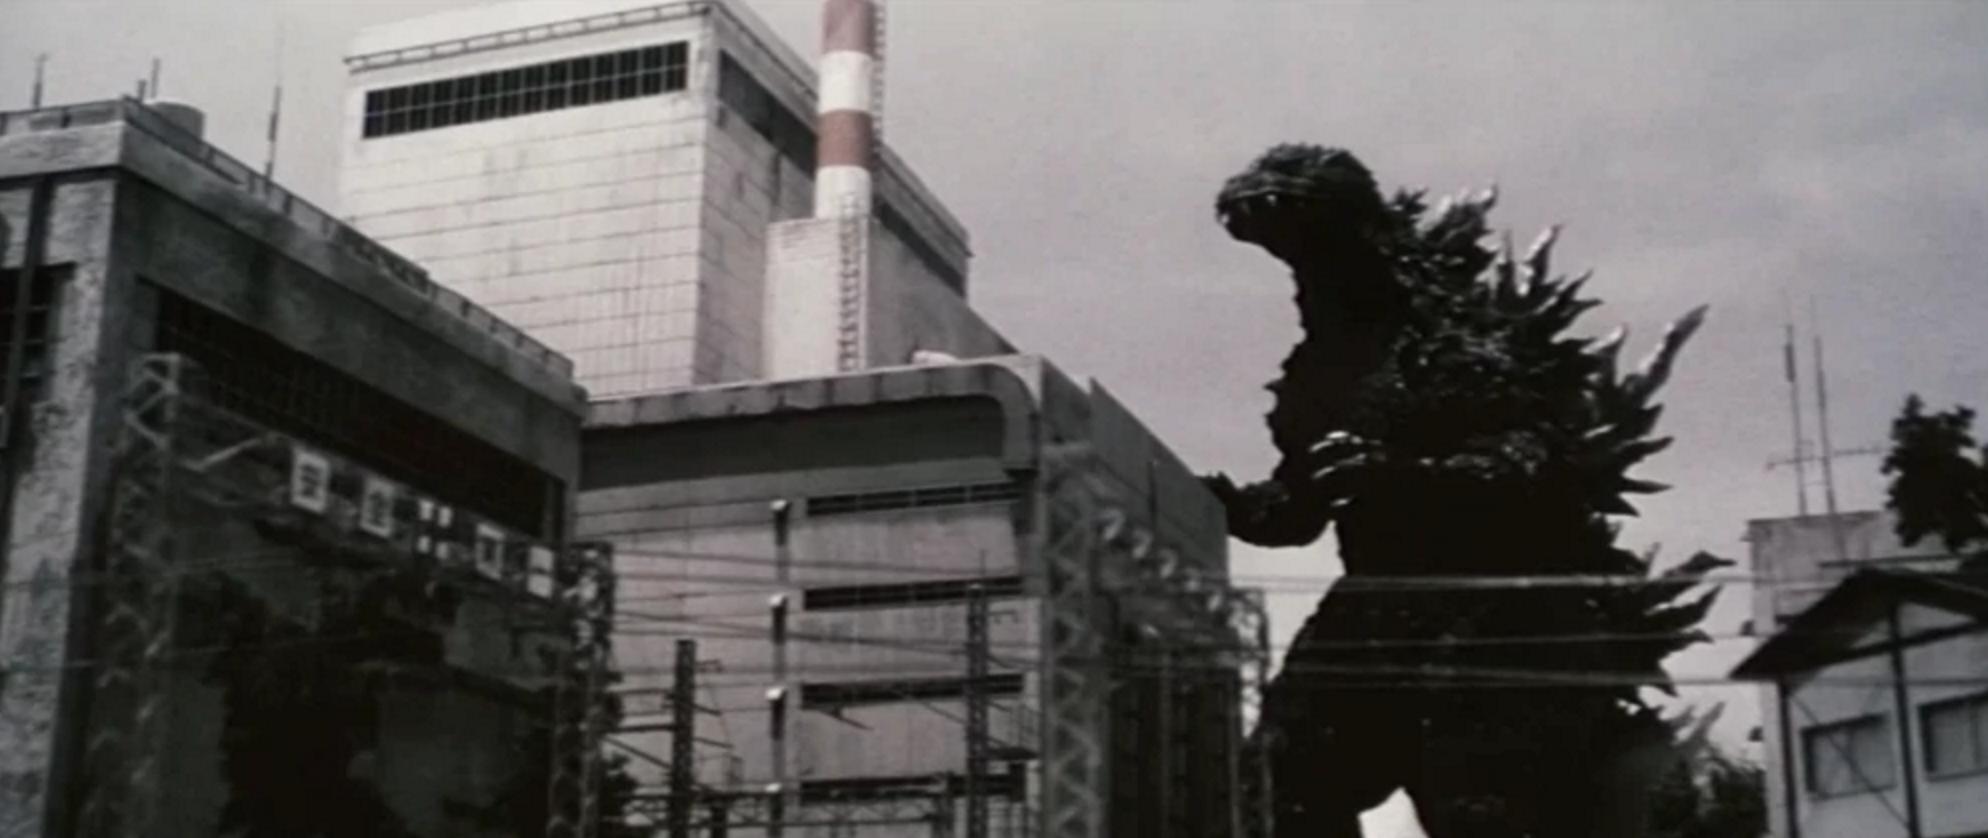 Godzilla attacks Tokai in 'Godzilla vs. Megaguirus'